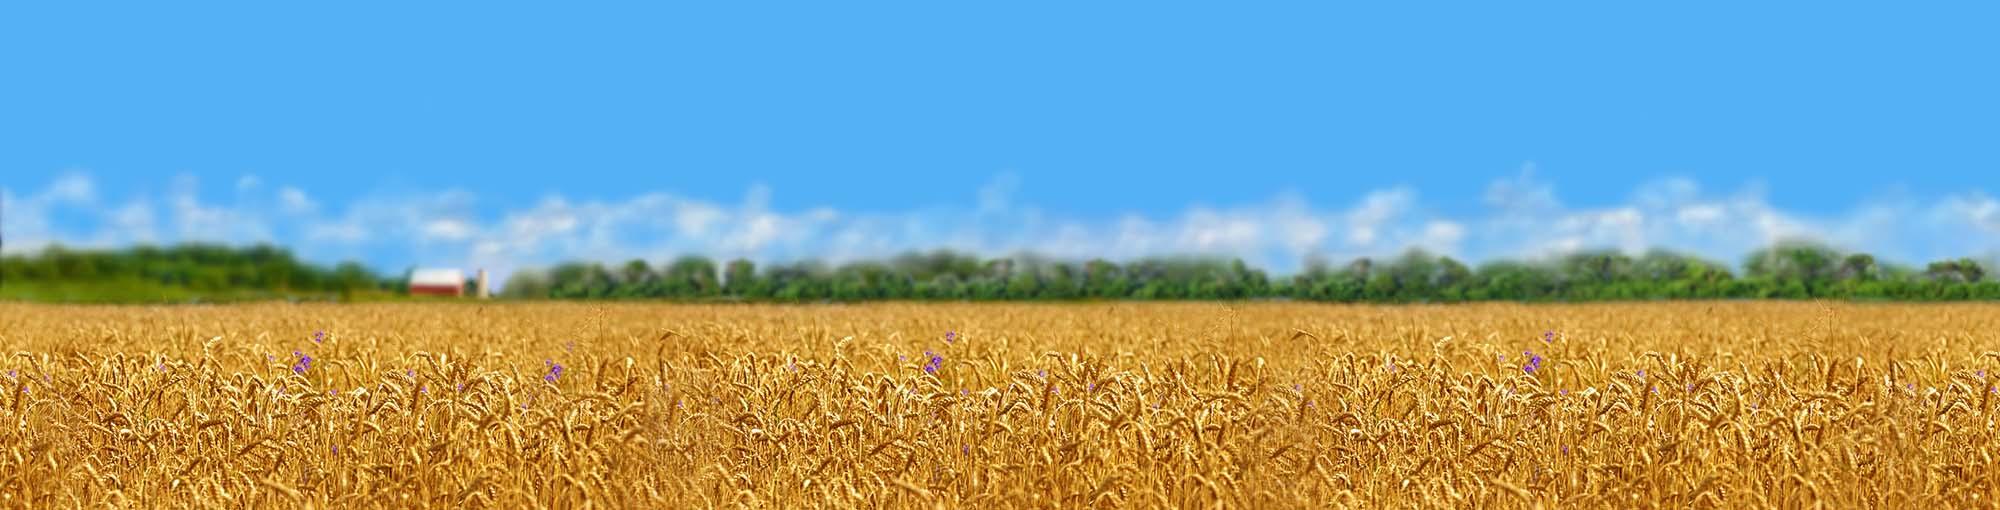 LANDSCAPE-Background